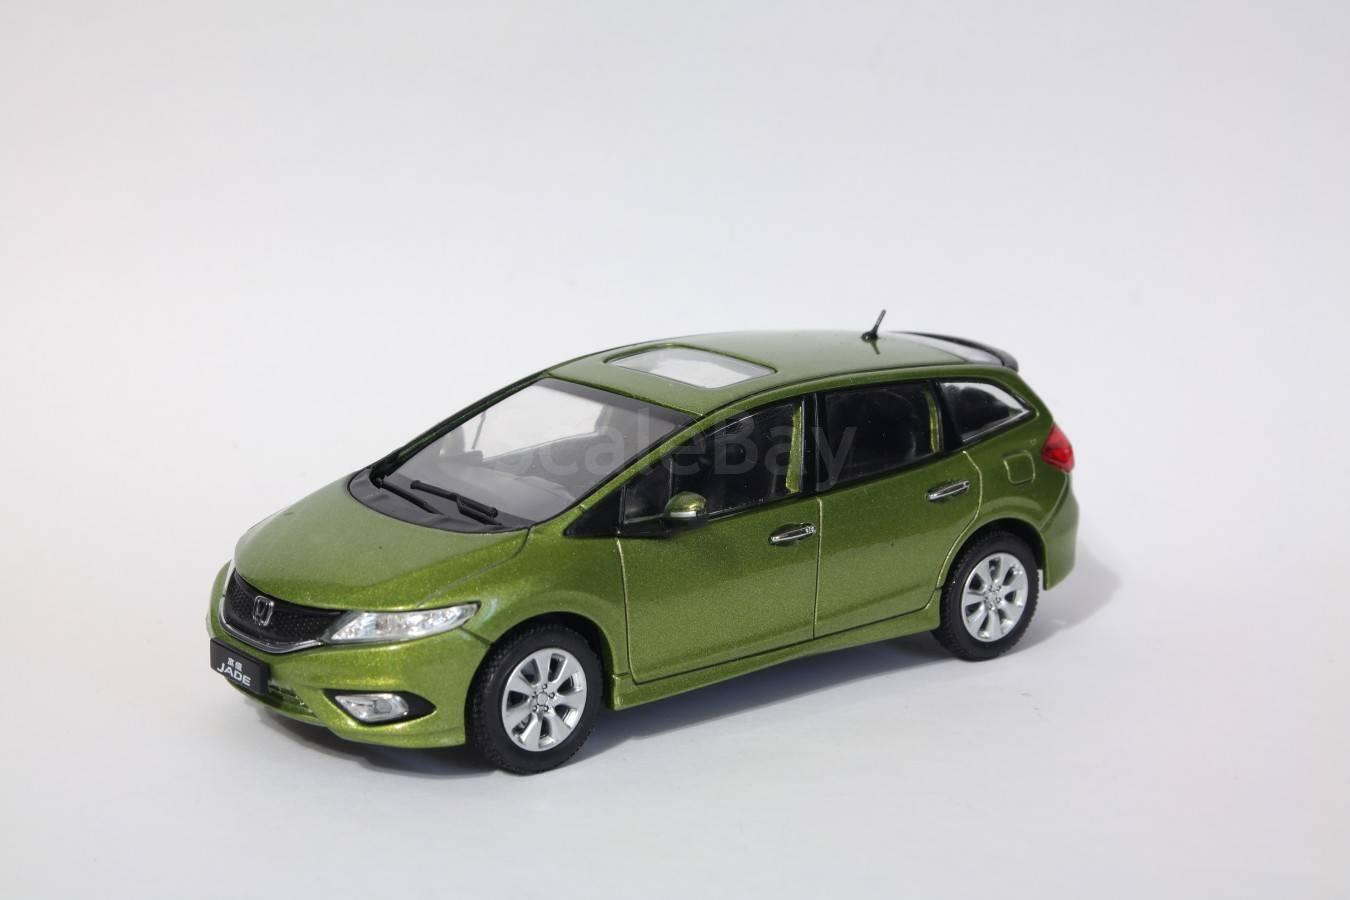 Масштабные модели. Купить масштабные модели авто в Украине.